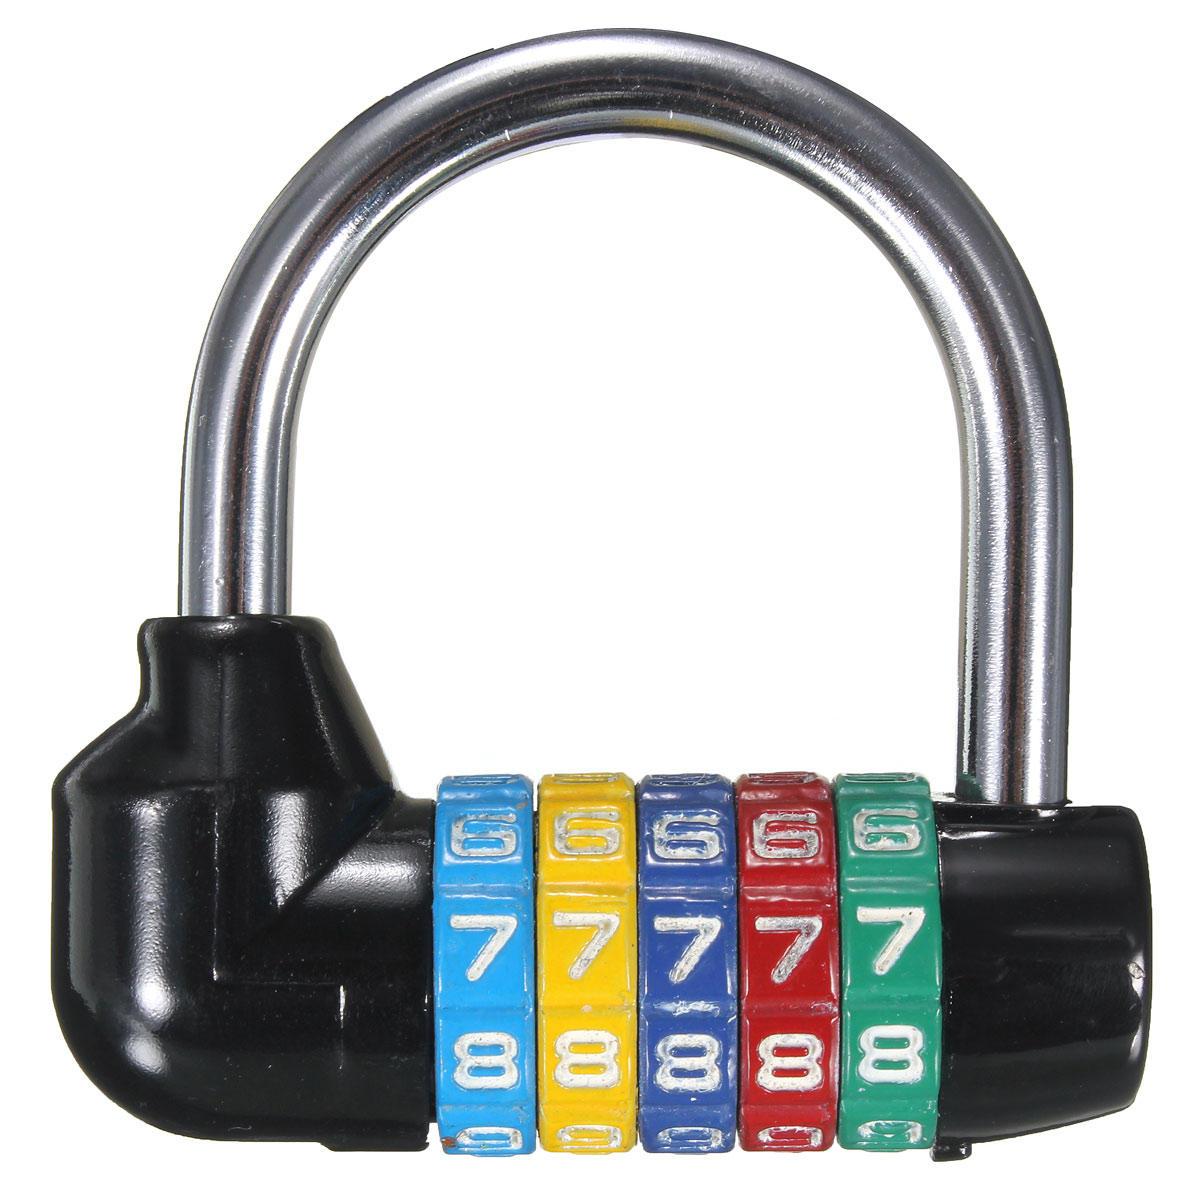 Réinitialisable 5 Chiffres Mot de passe Combinaison Cadenas Serrure Sécurité Cabinet Scolaire Casier